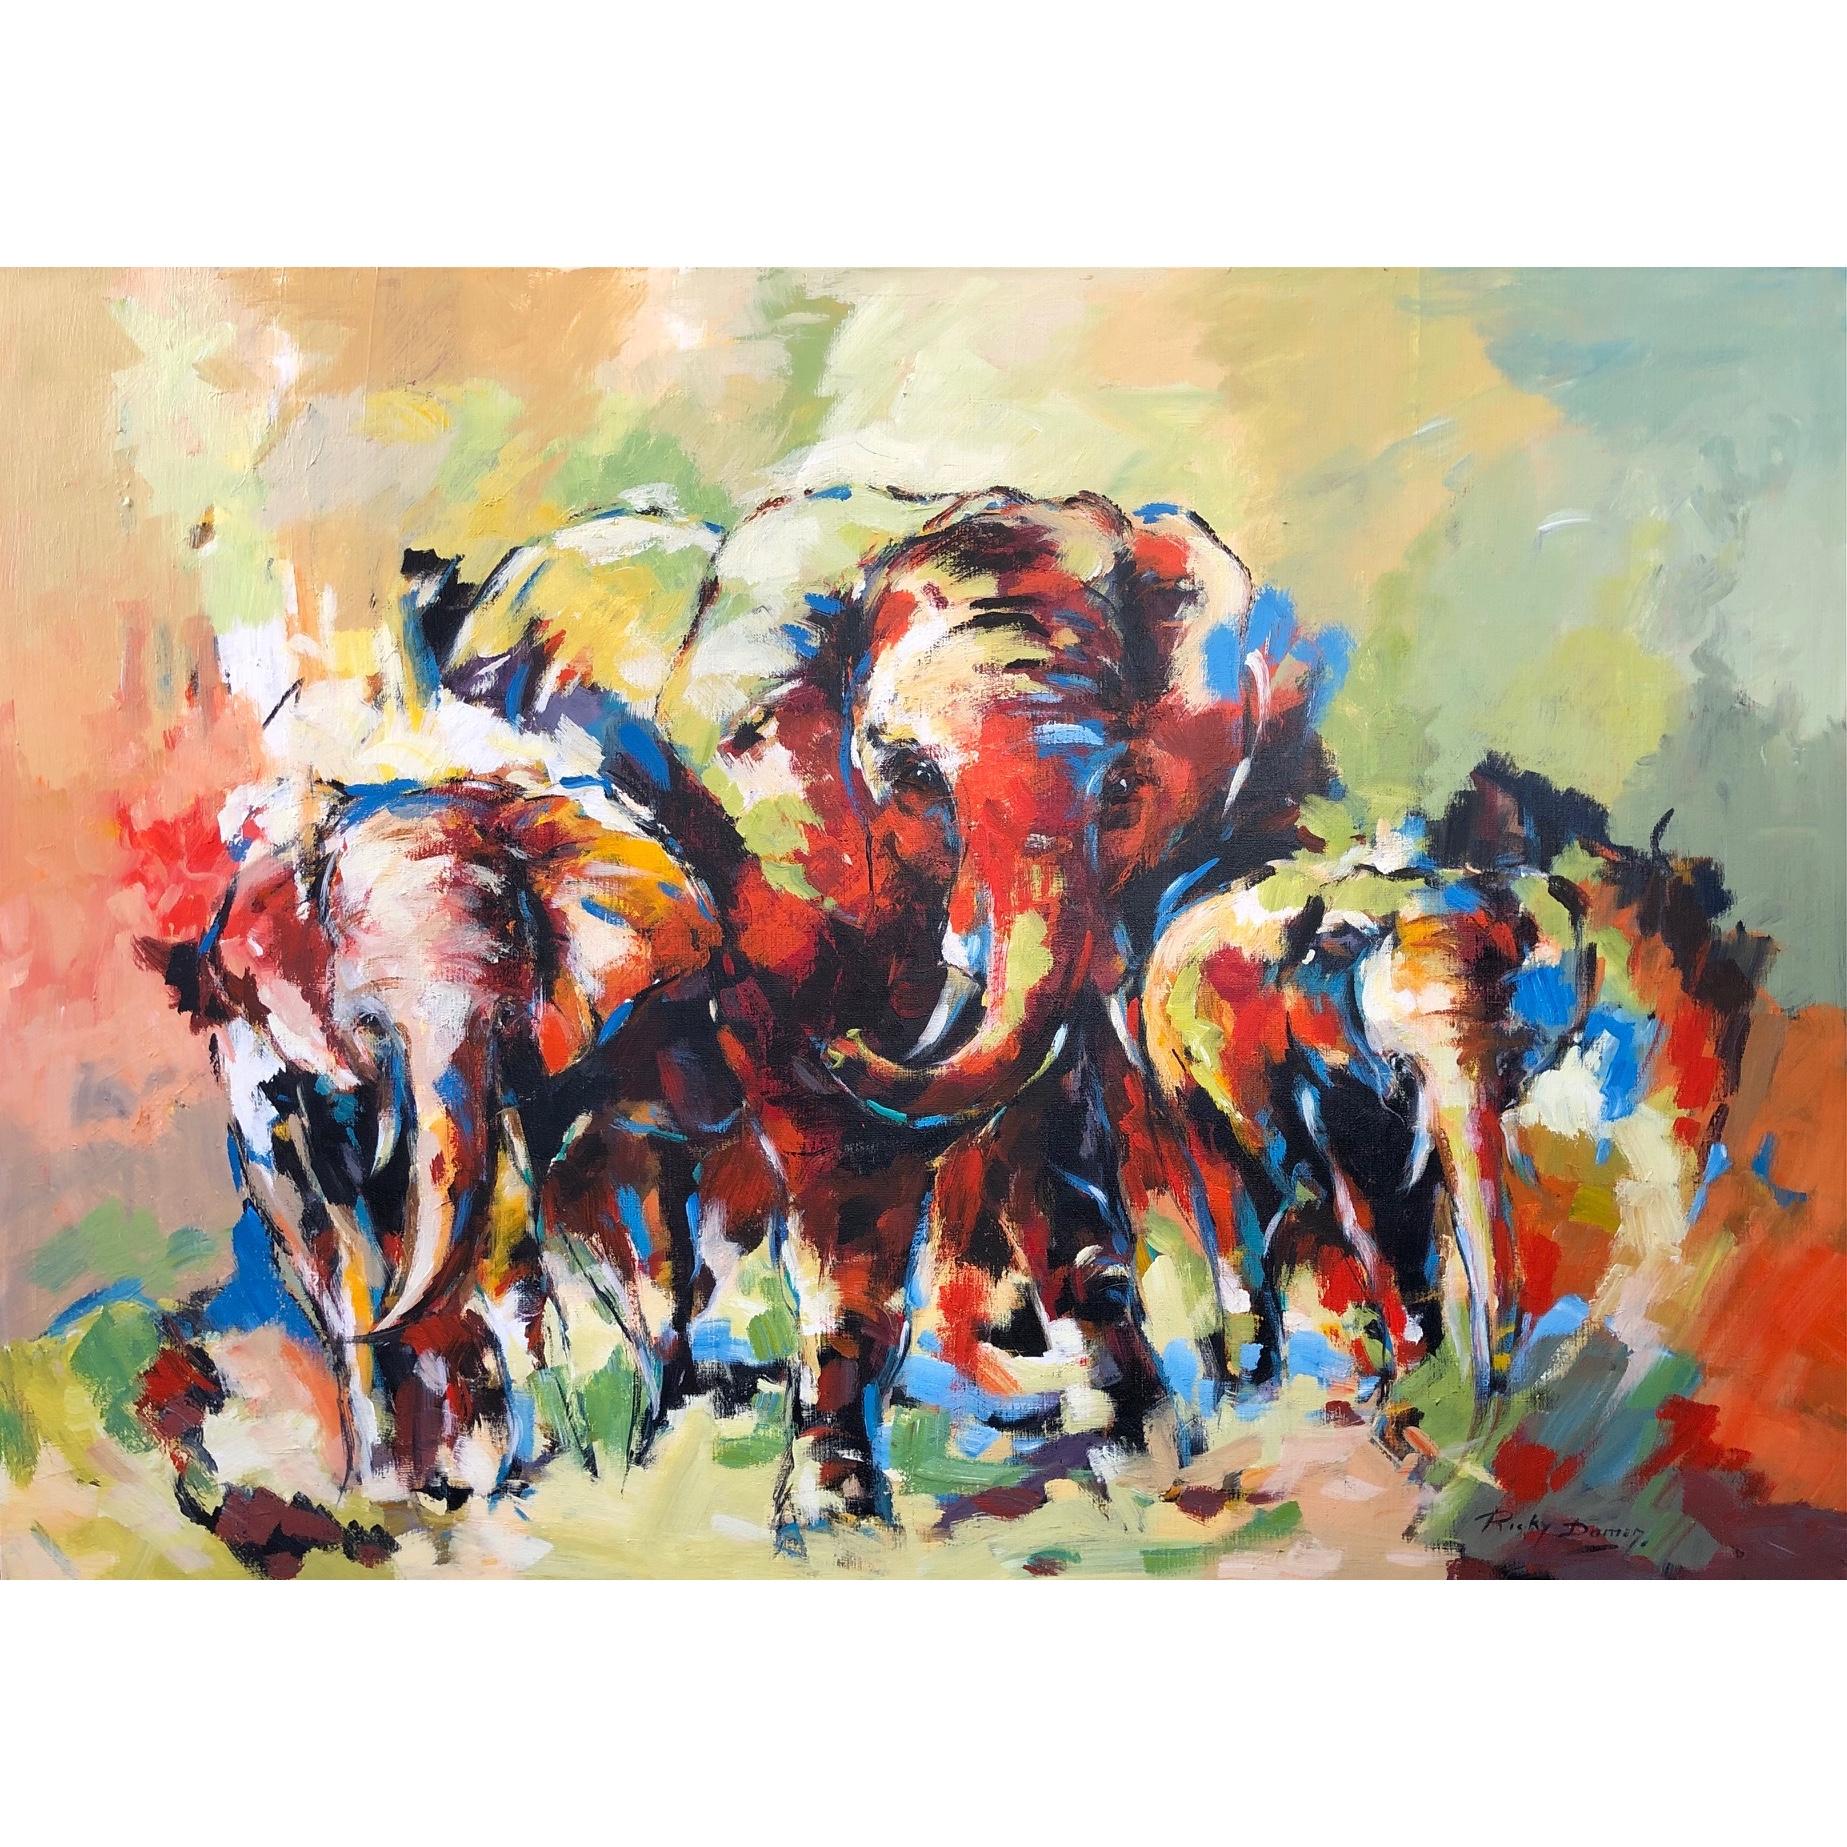 Ricky Damen schilderij 'Elephant herd'